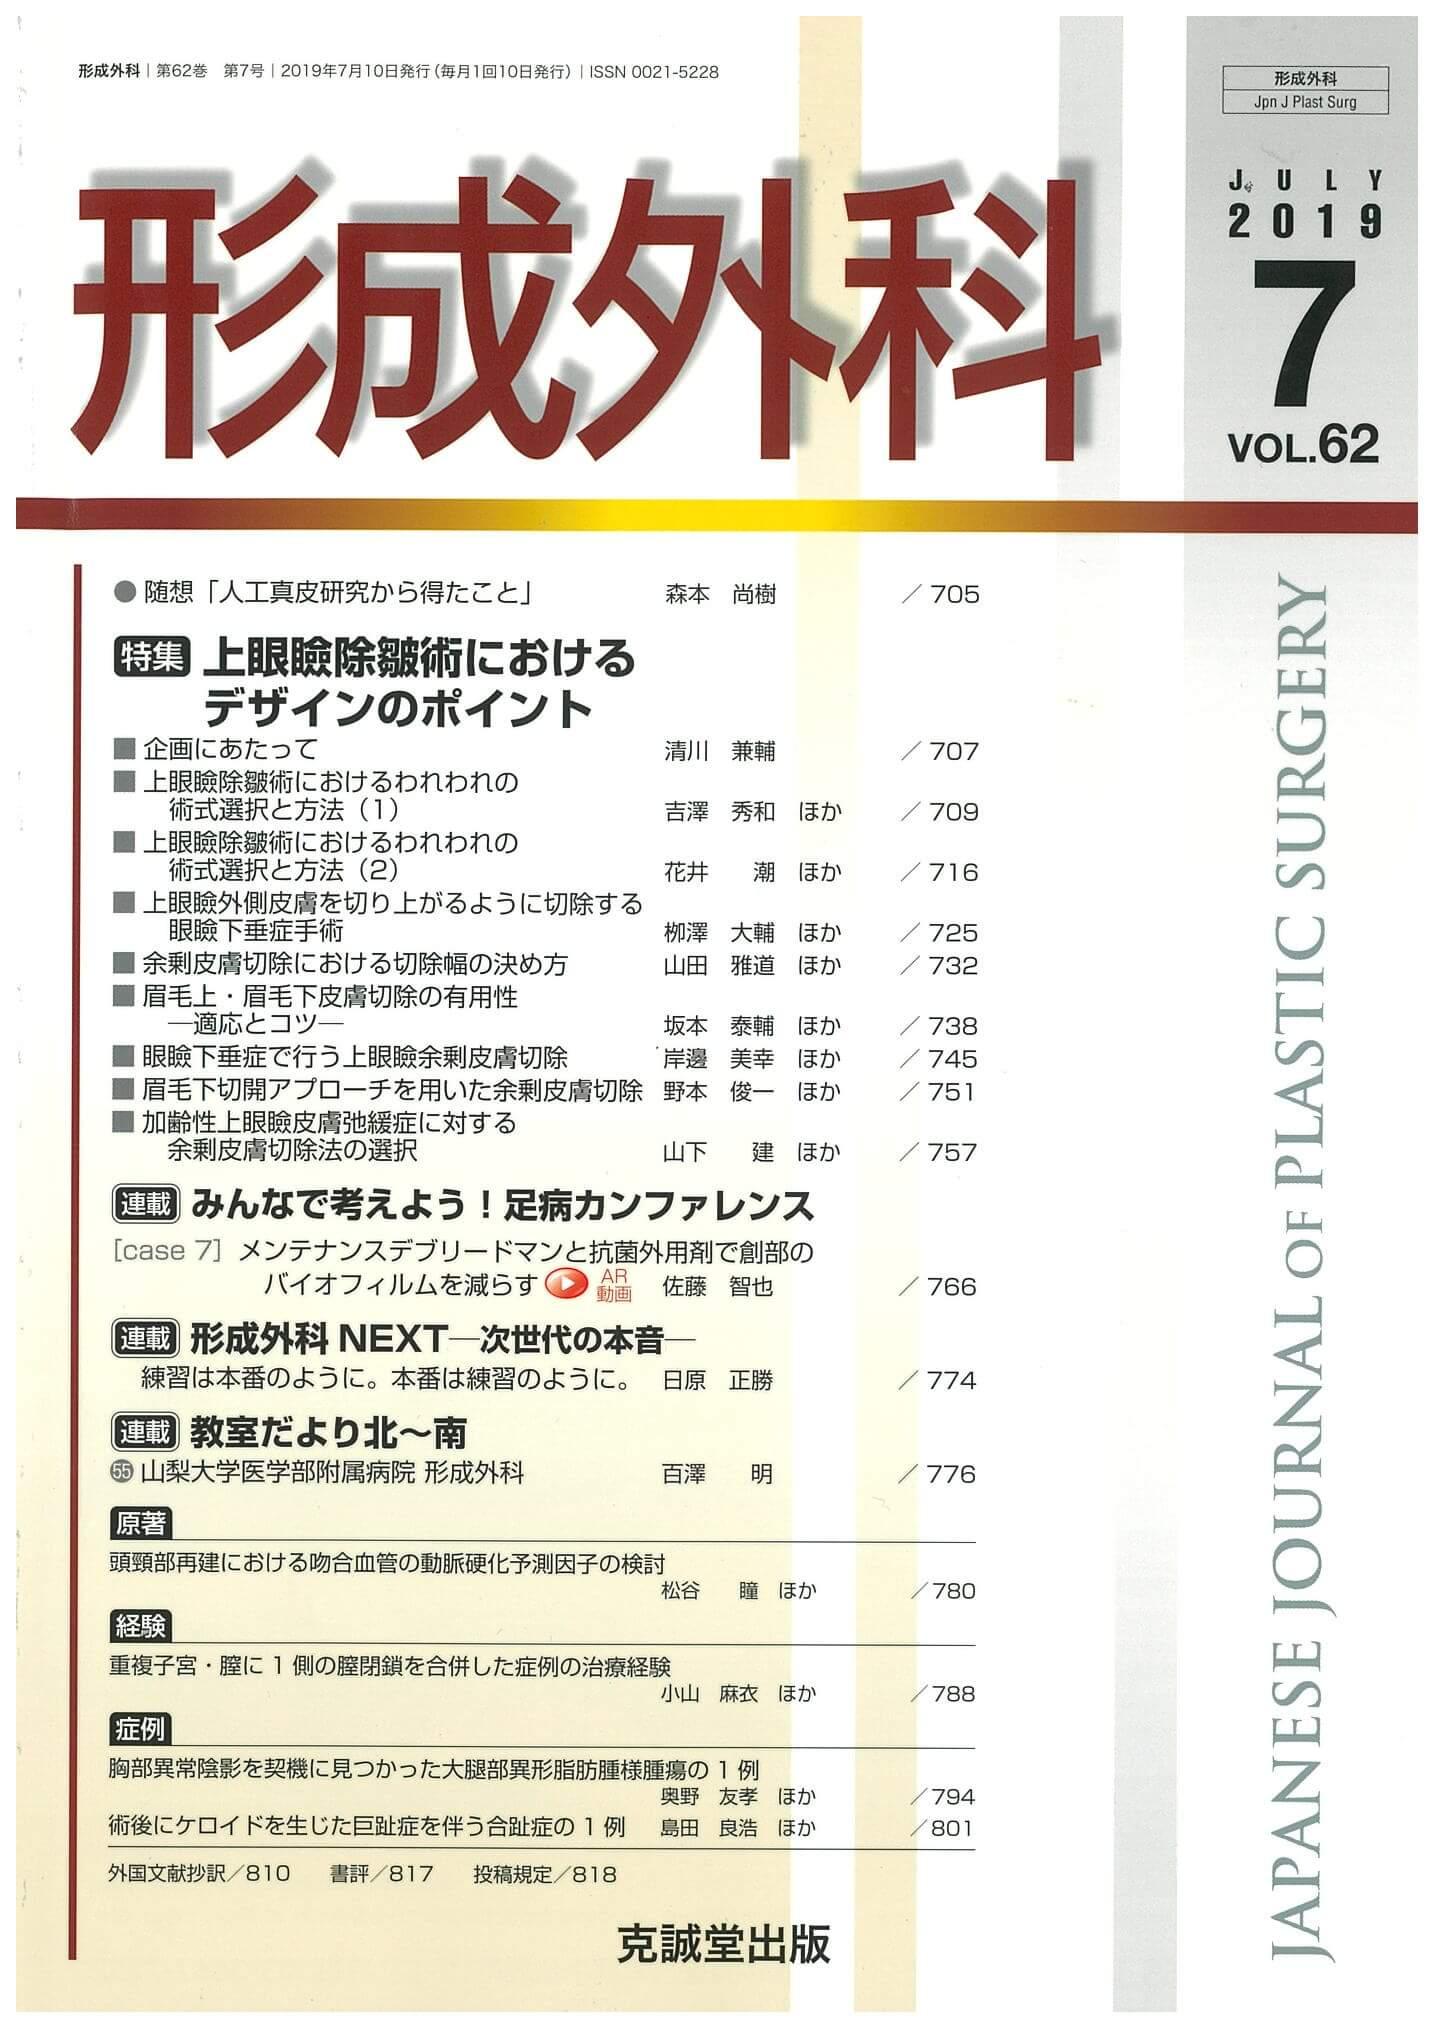 形成外科 Vol.62 2019.7